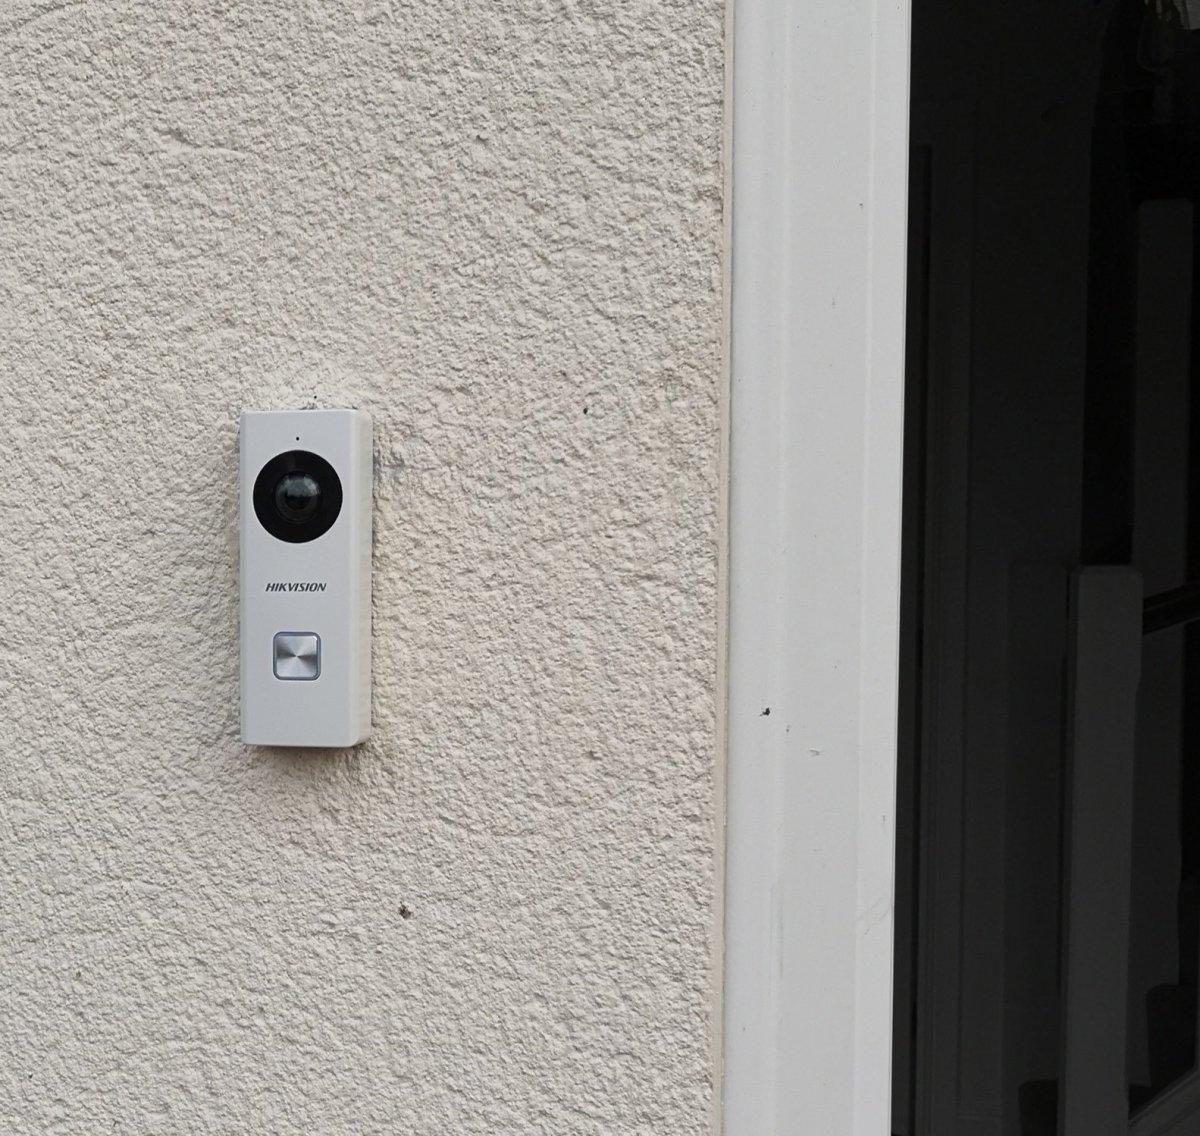 CCTV GWYNEDD